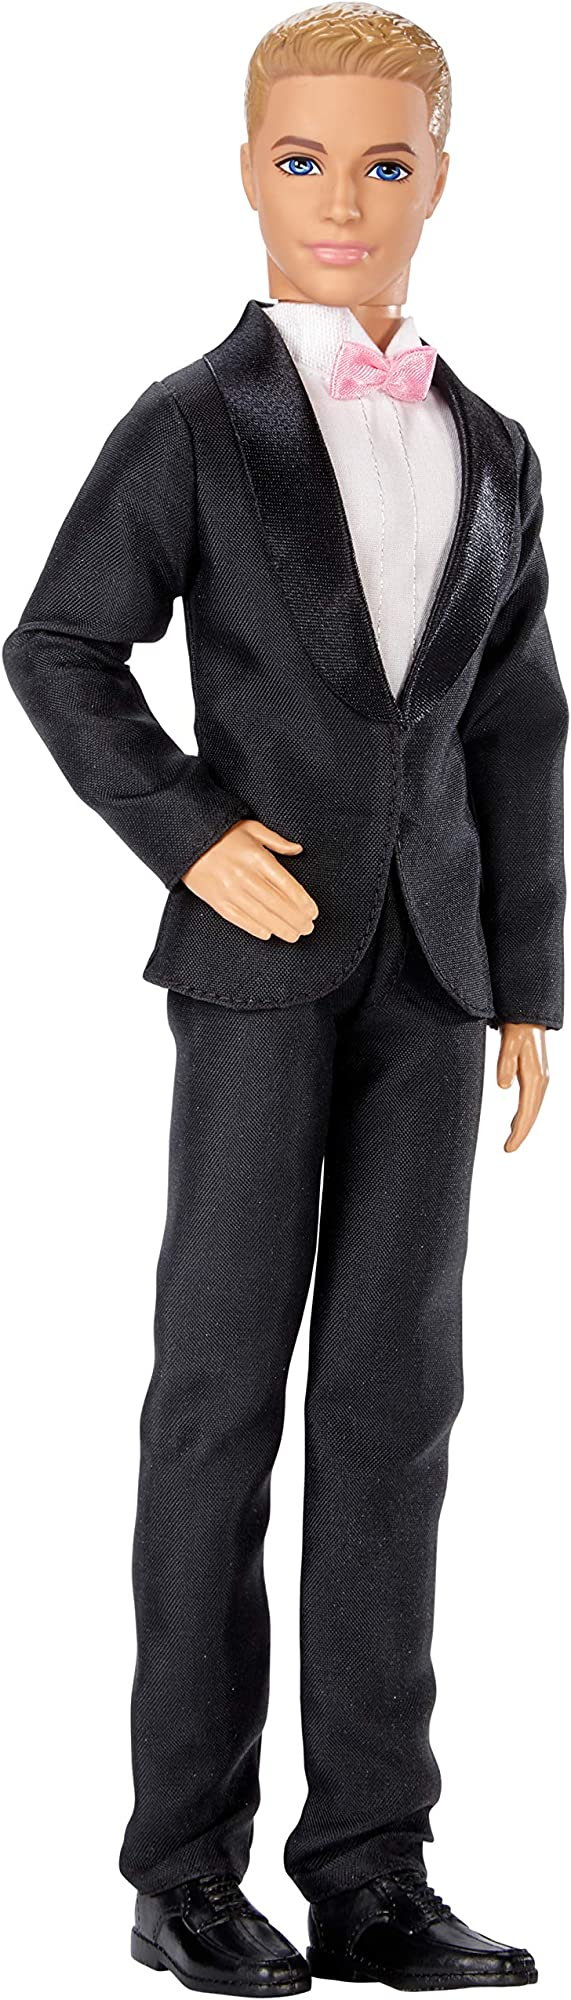 Barbie,ken sposo,statuetta DVP39